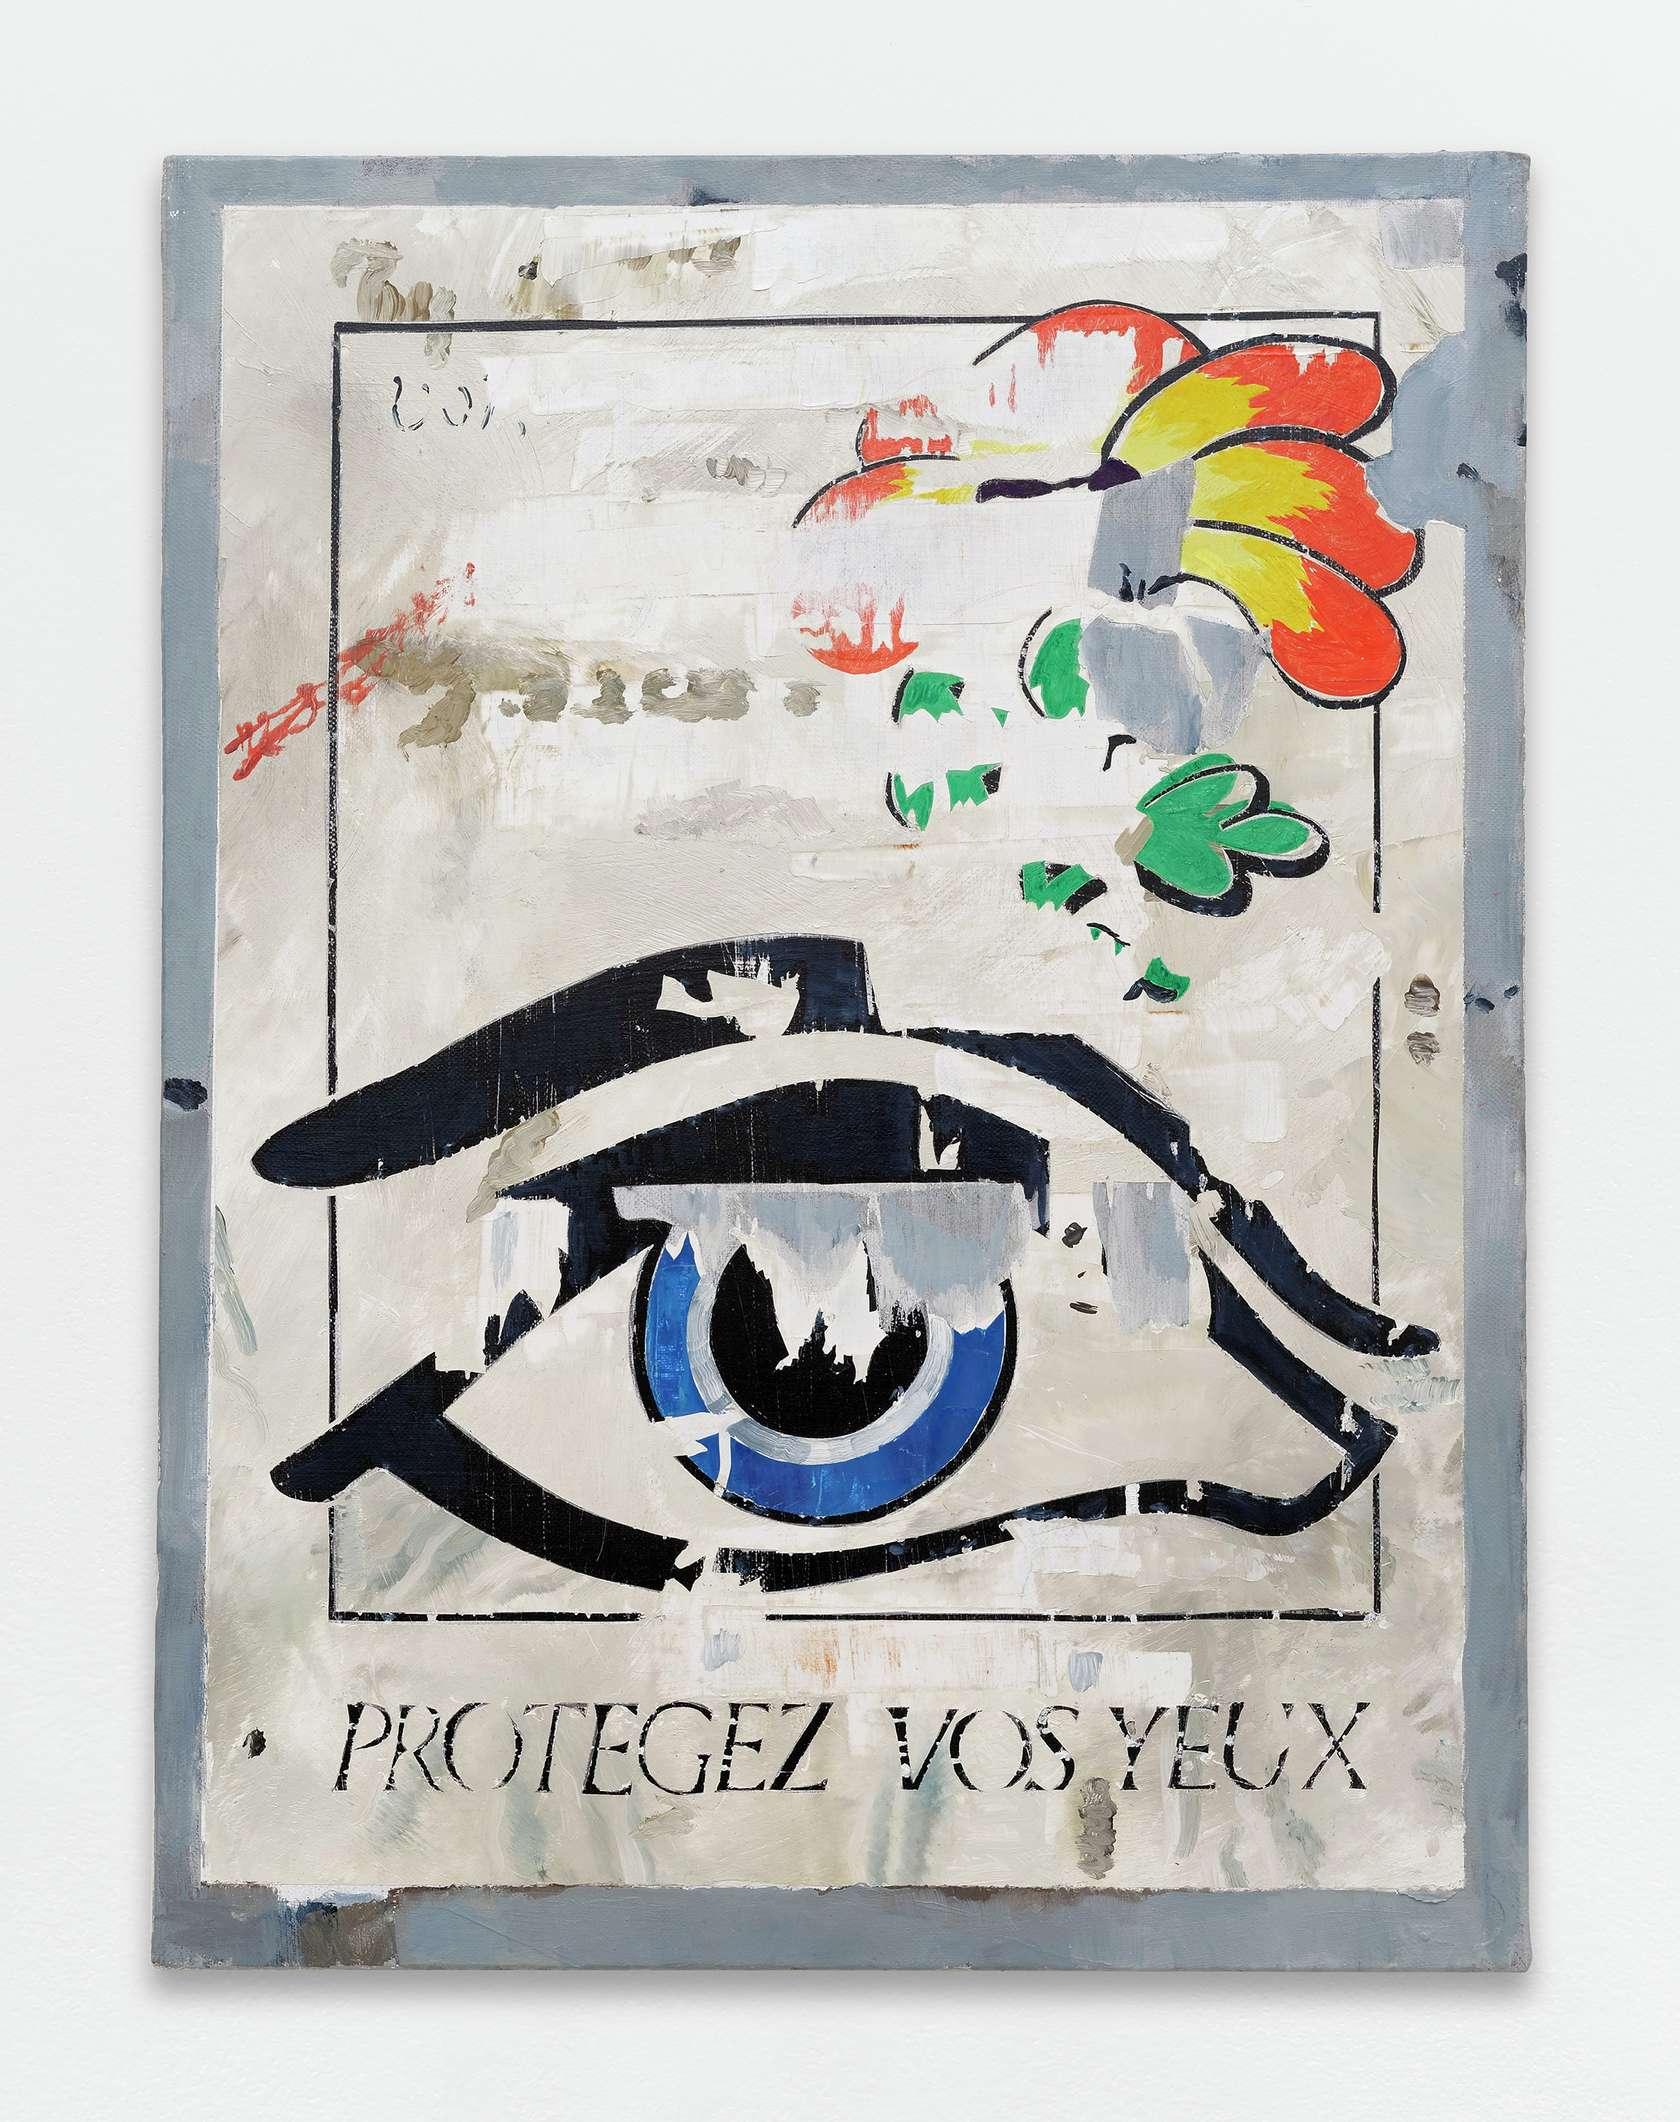 Laurent Proux, Protégez vos yeux, 2017 Huile sur toile61.5 × 46 cm / 24 2/8 × 18 1/8 in.